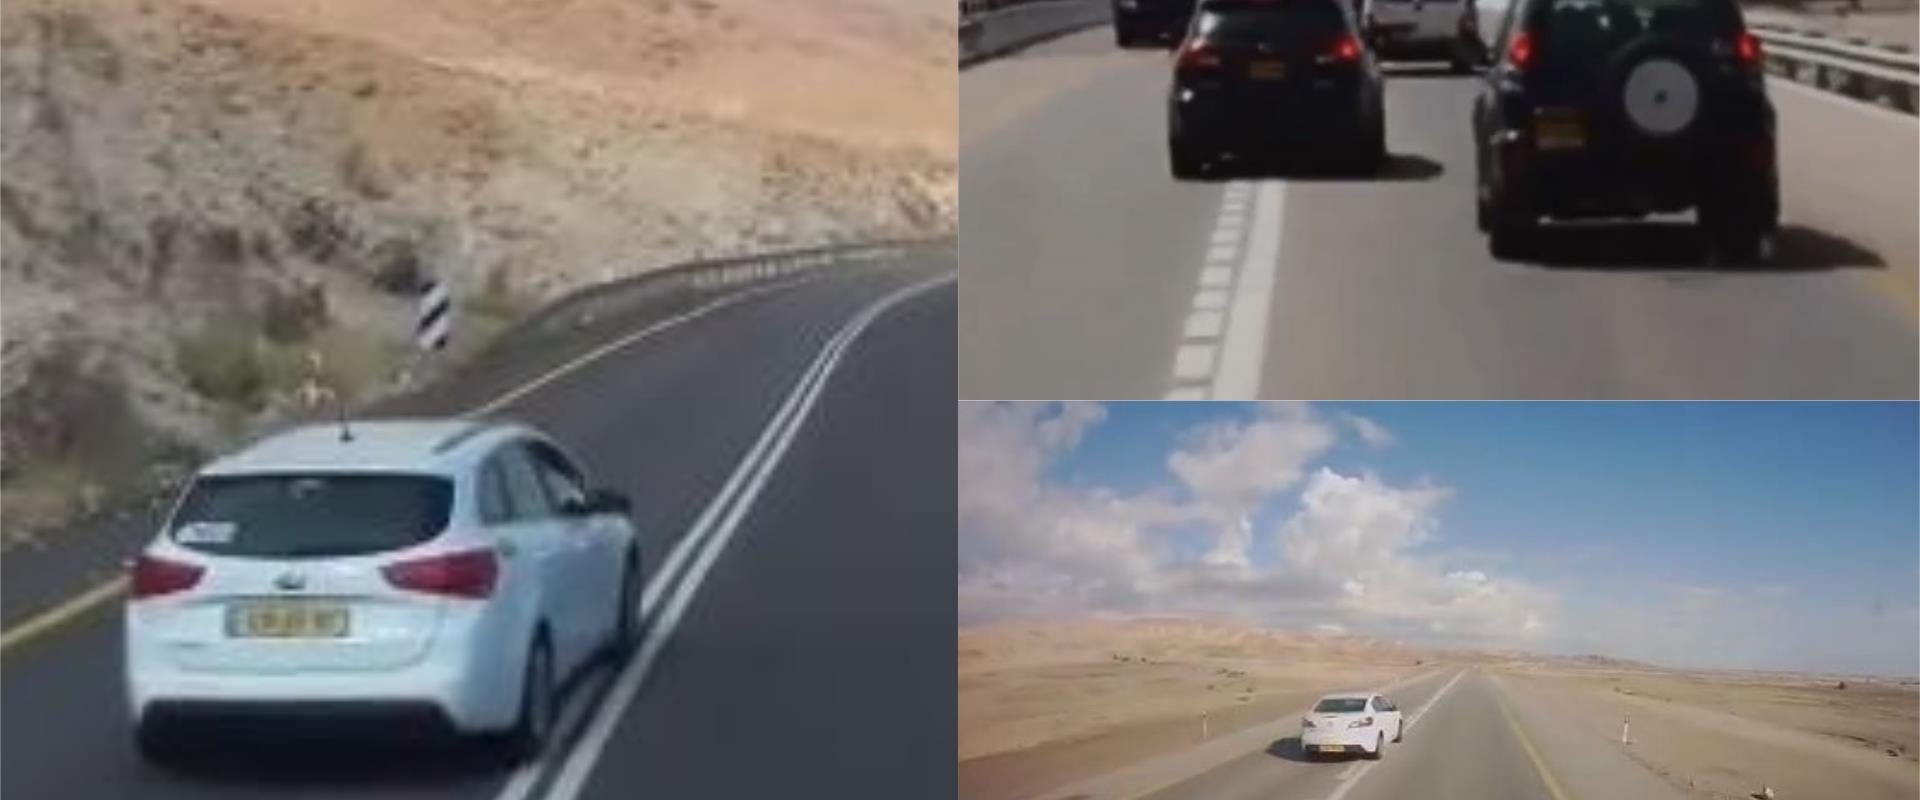 עקיפות מסוכנות בכביש 90